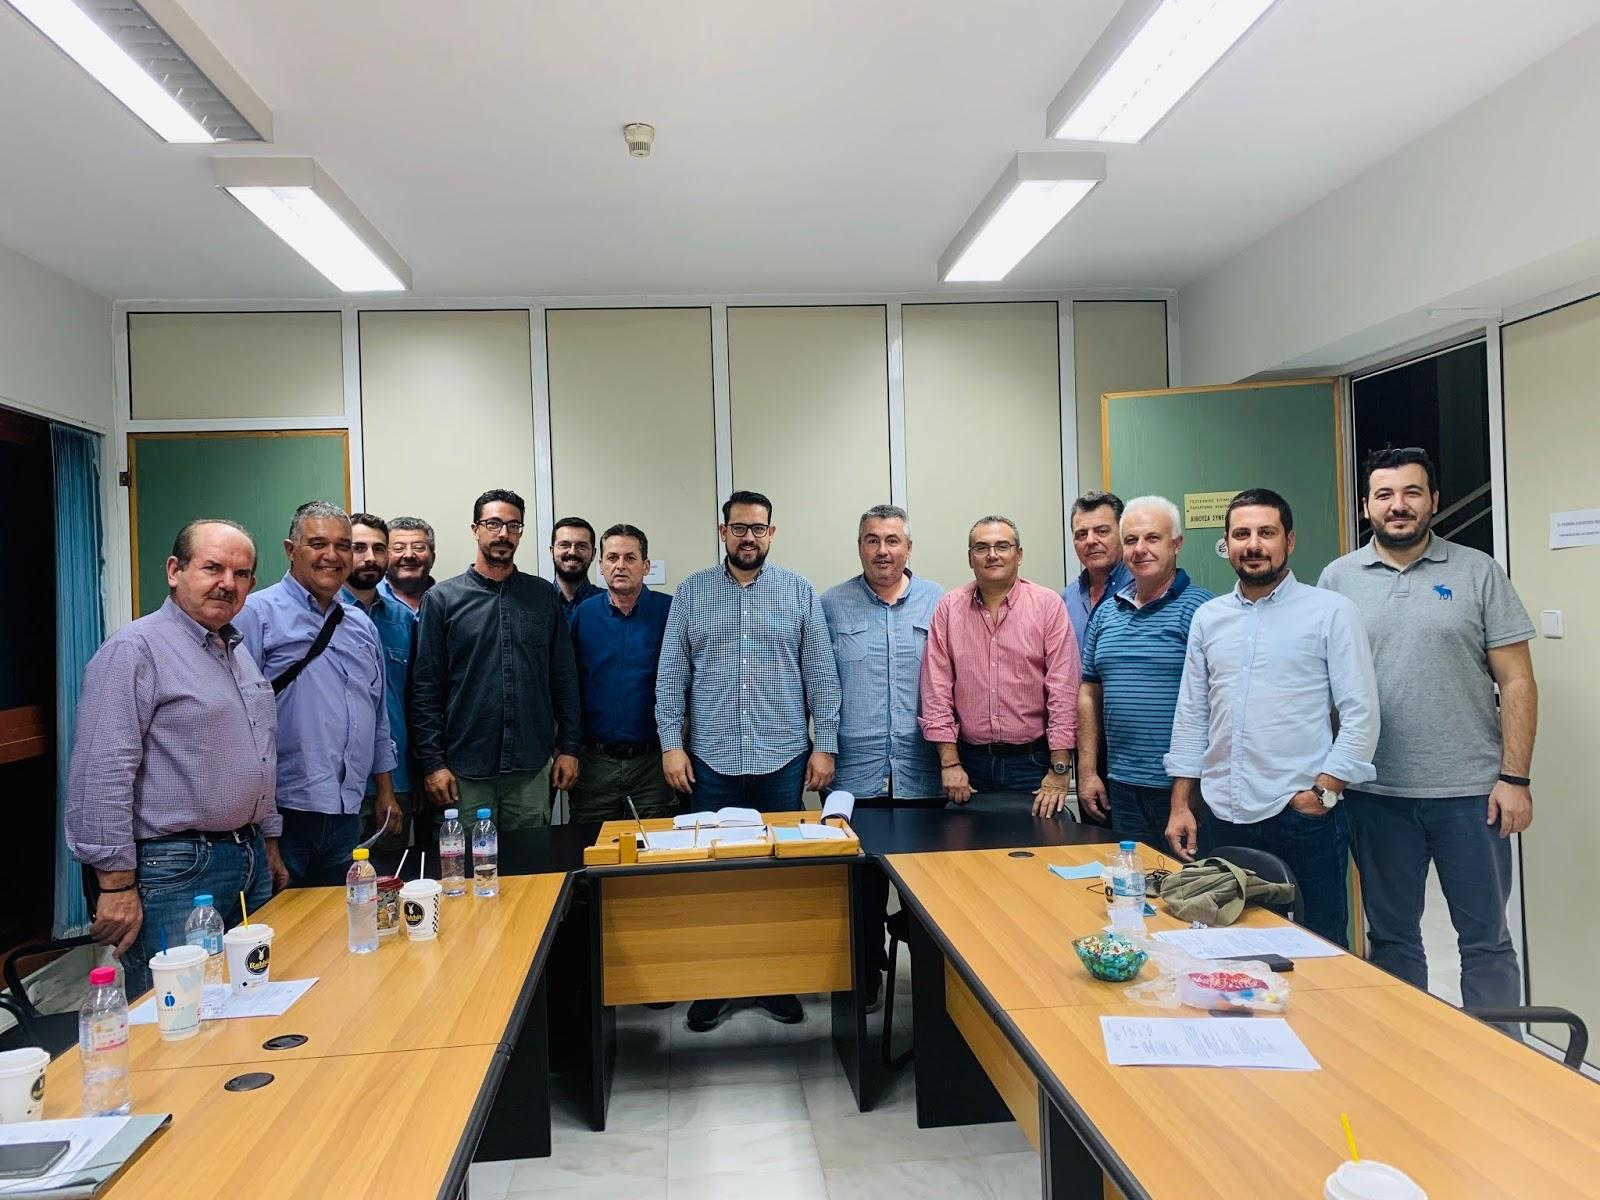 Κοινή Σύσκεψη Δ.Ε. ΓΕΩΤΕΕ ΚΕ & Δ.Σ. Γεωπονικού Συλλόγου Λάρισας